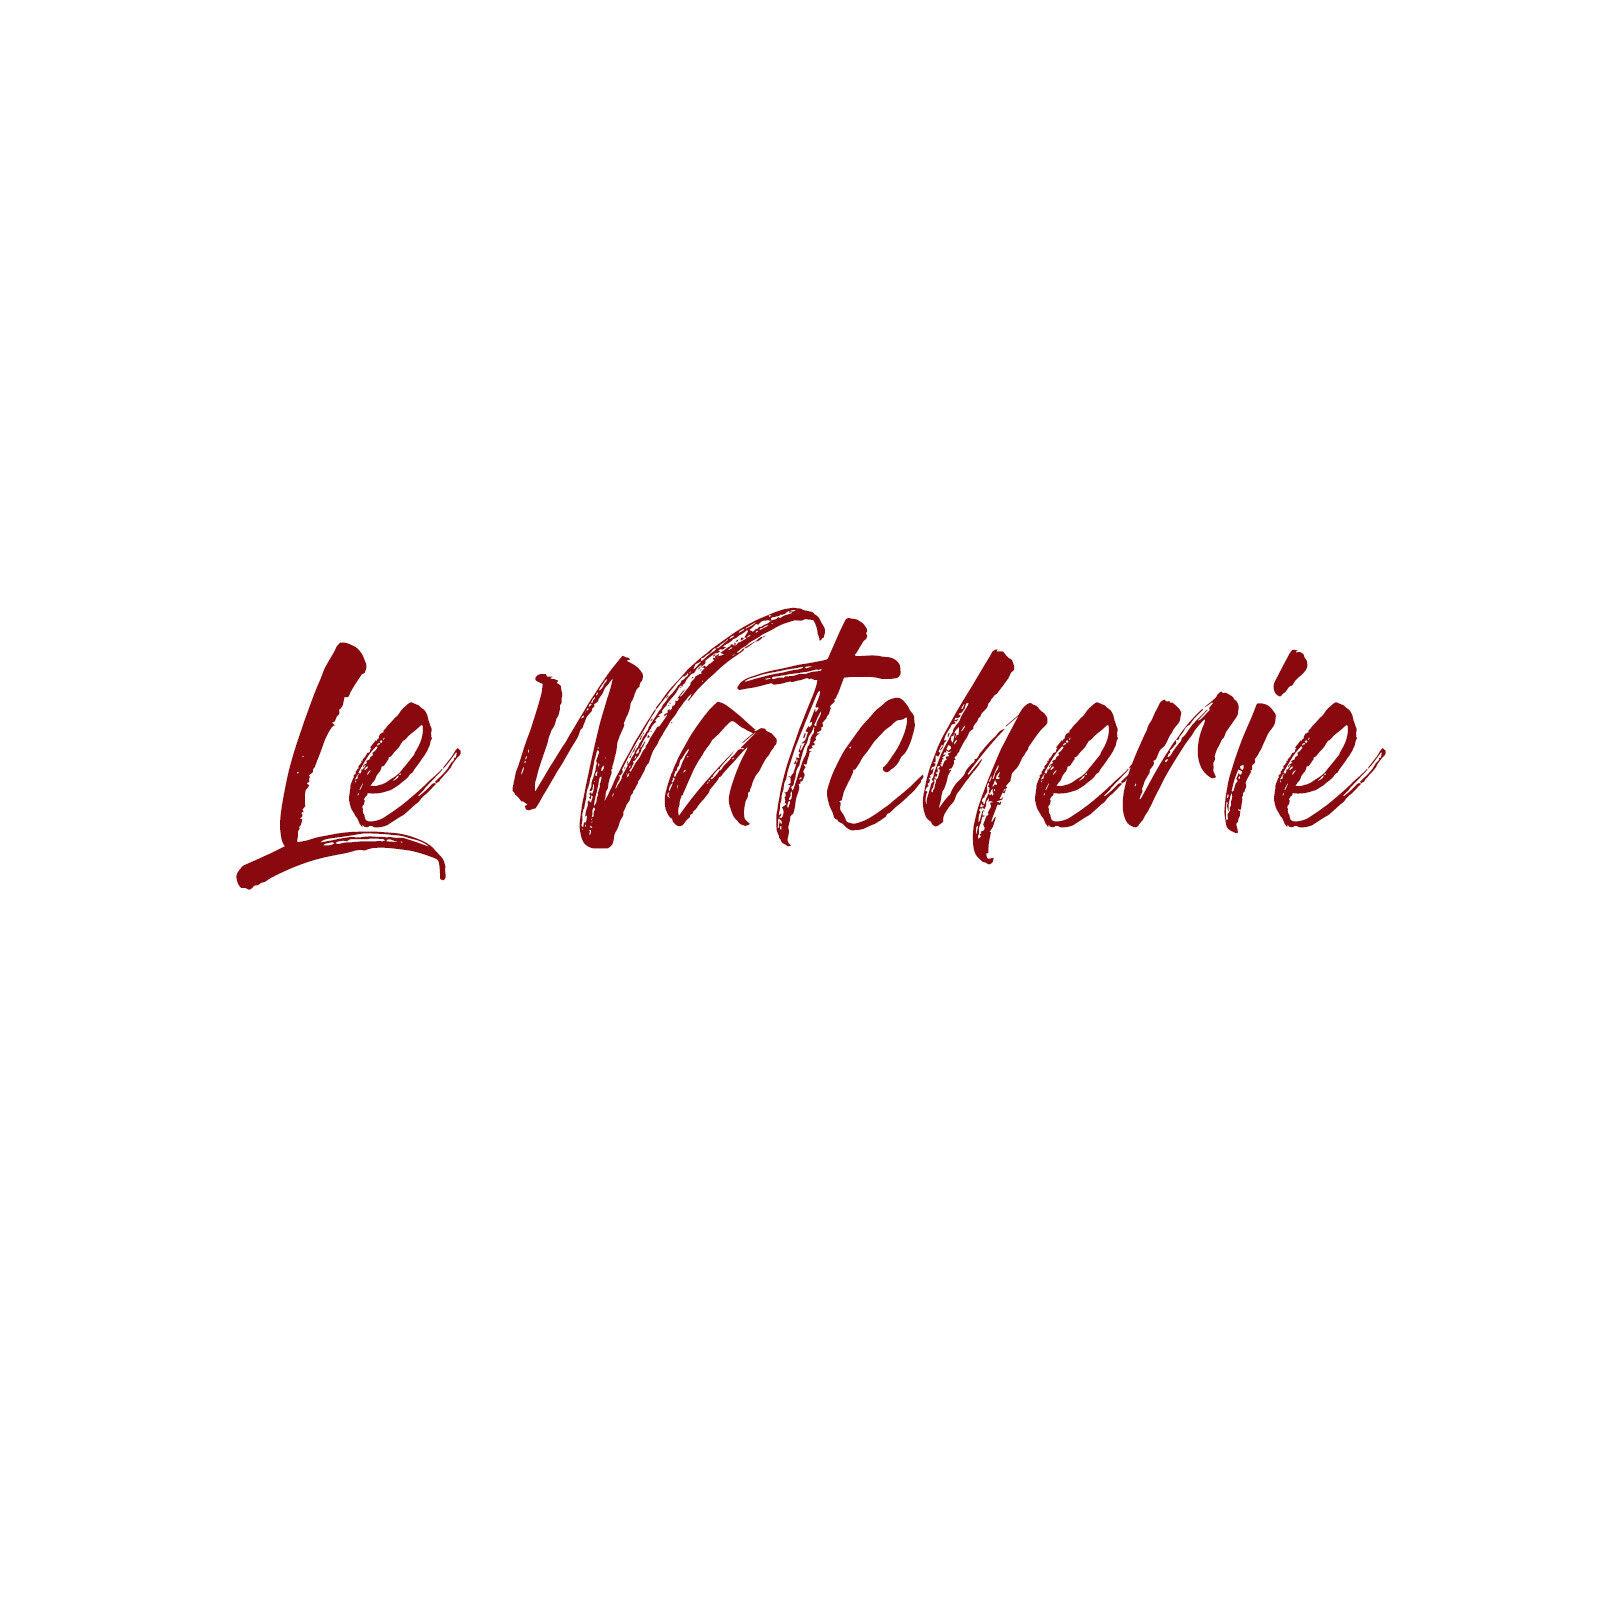 Le Watcherie